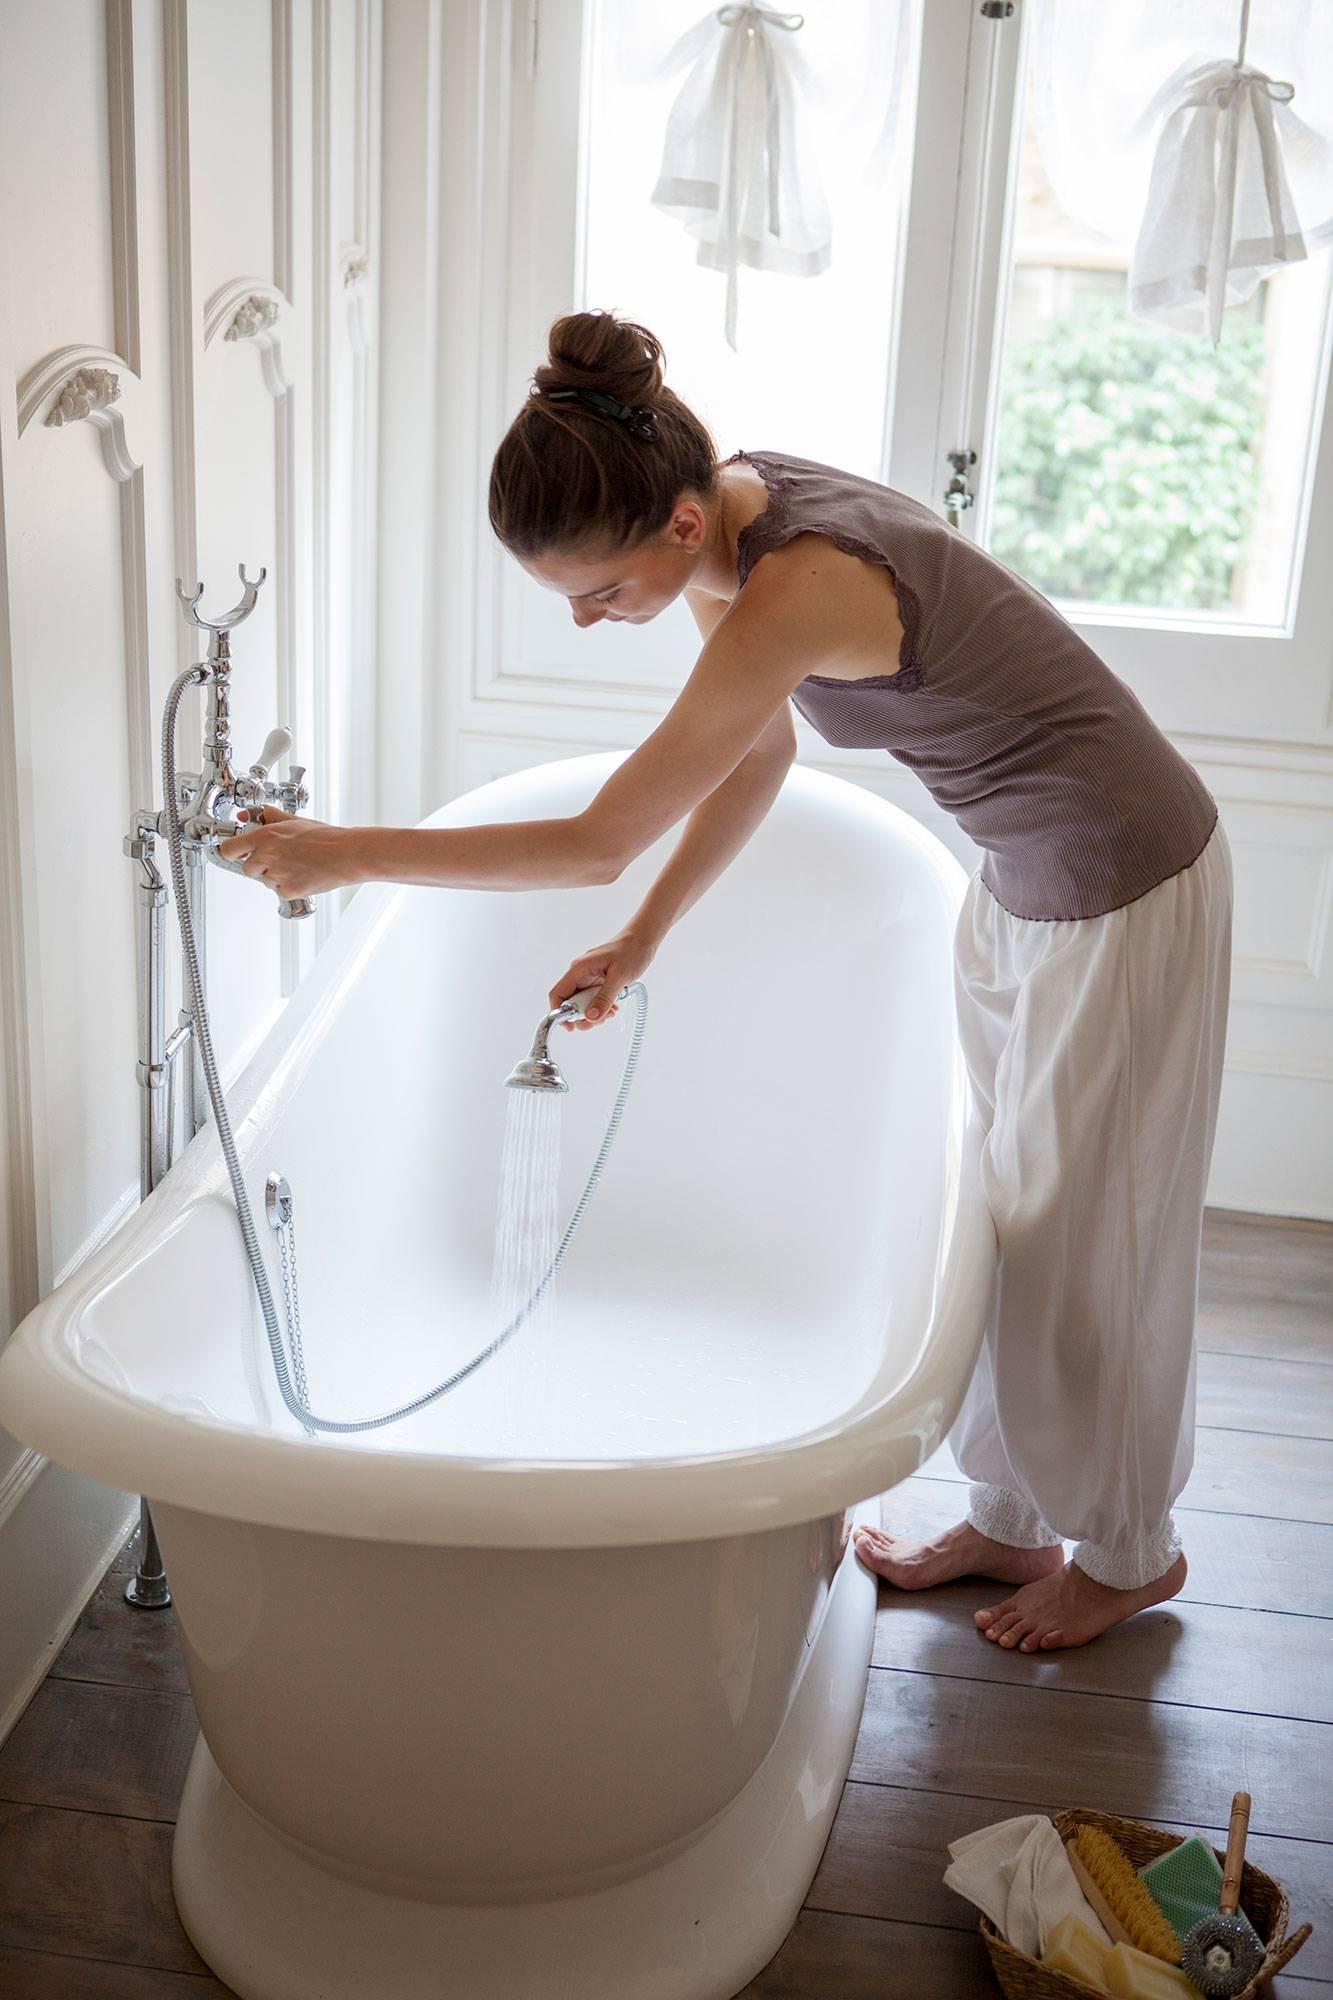 Mujer limpiando el baño 00366330 O. No dejar actuar a los productos